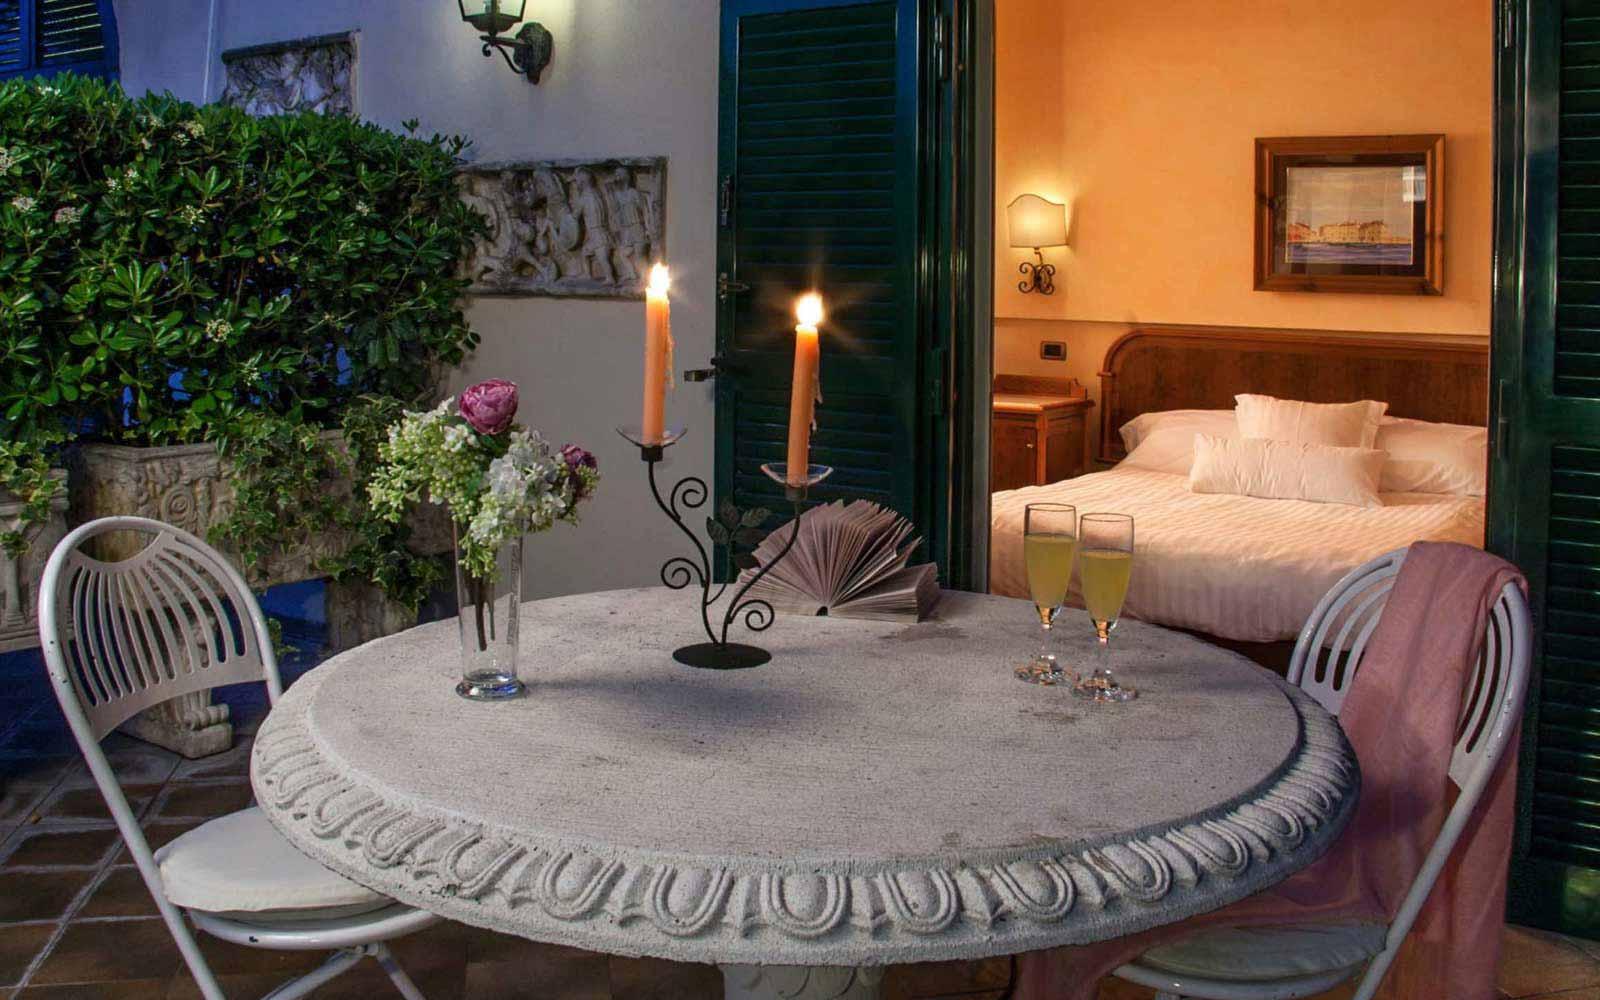 Romantic evening at Hotel Regno